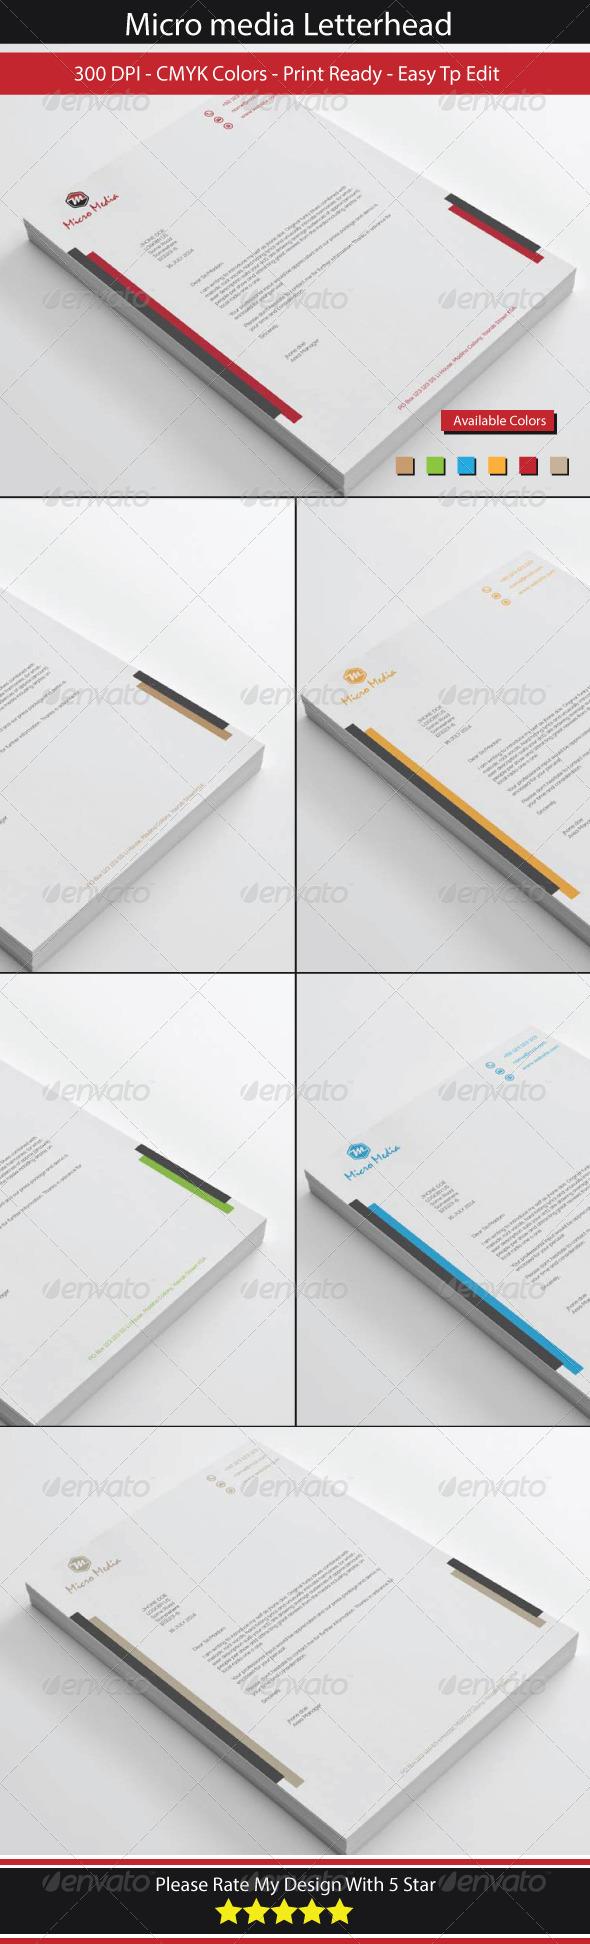 GraphicRiver Micro Design Letterhead 8500310